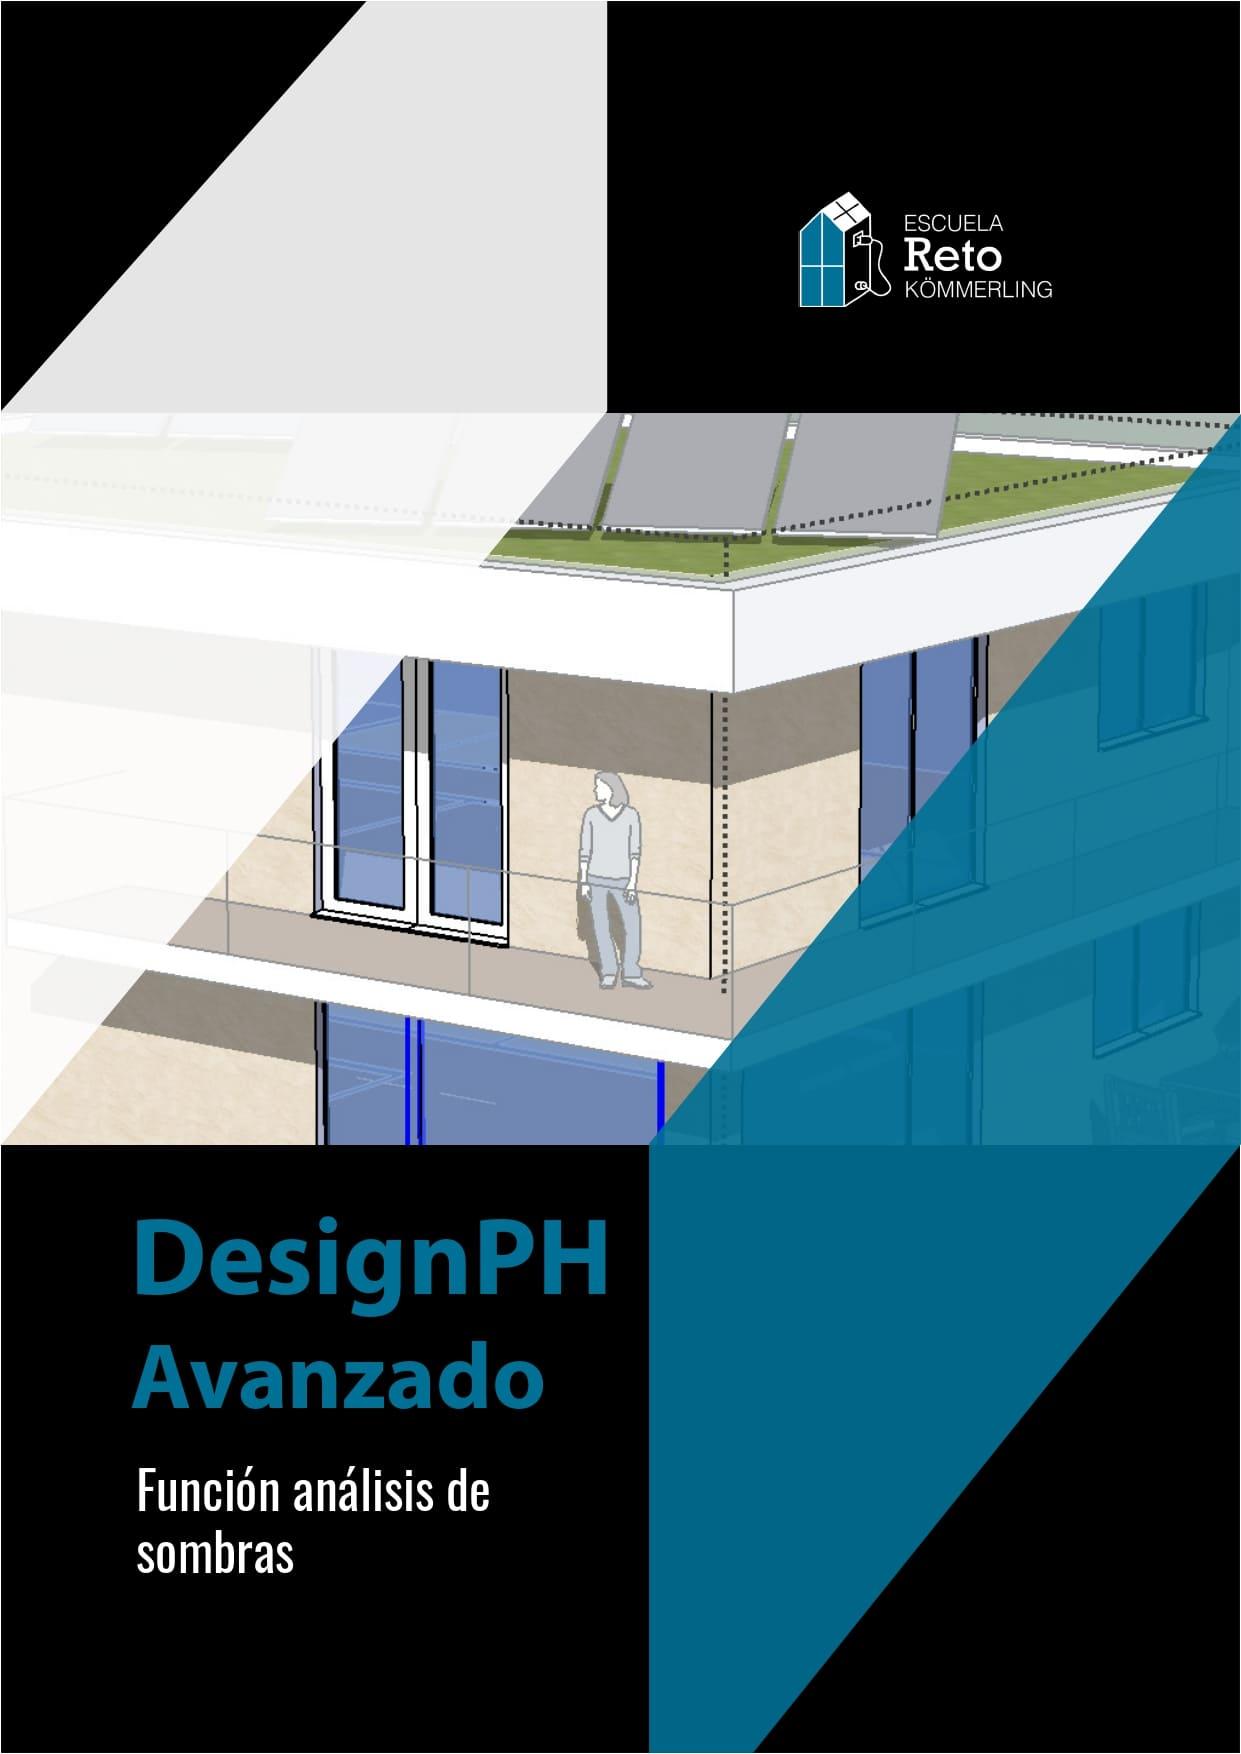 DesignPH avanzado portada